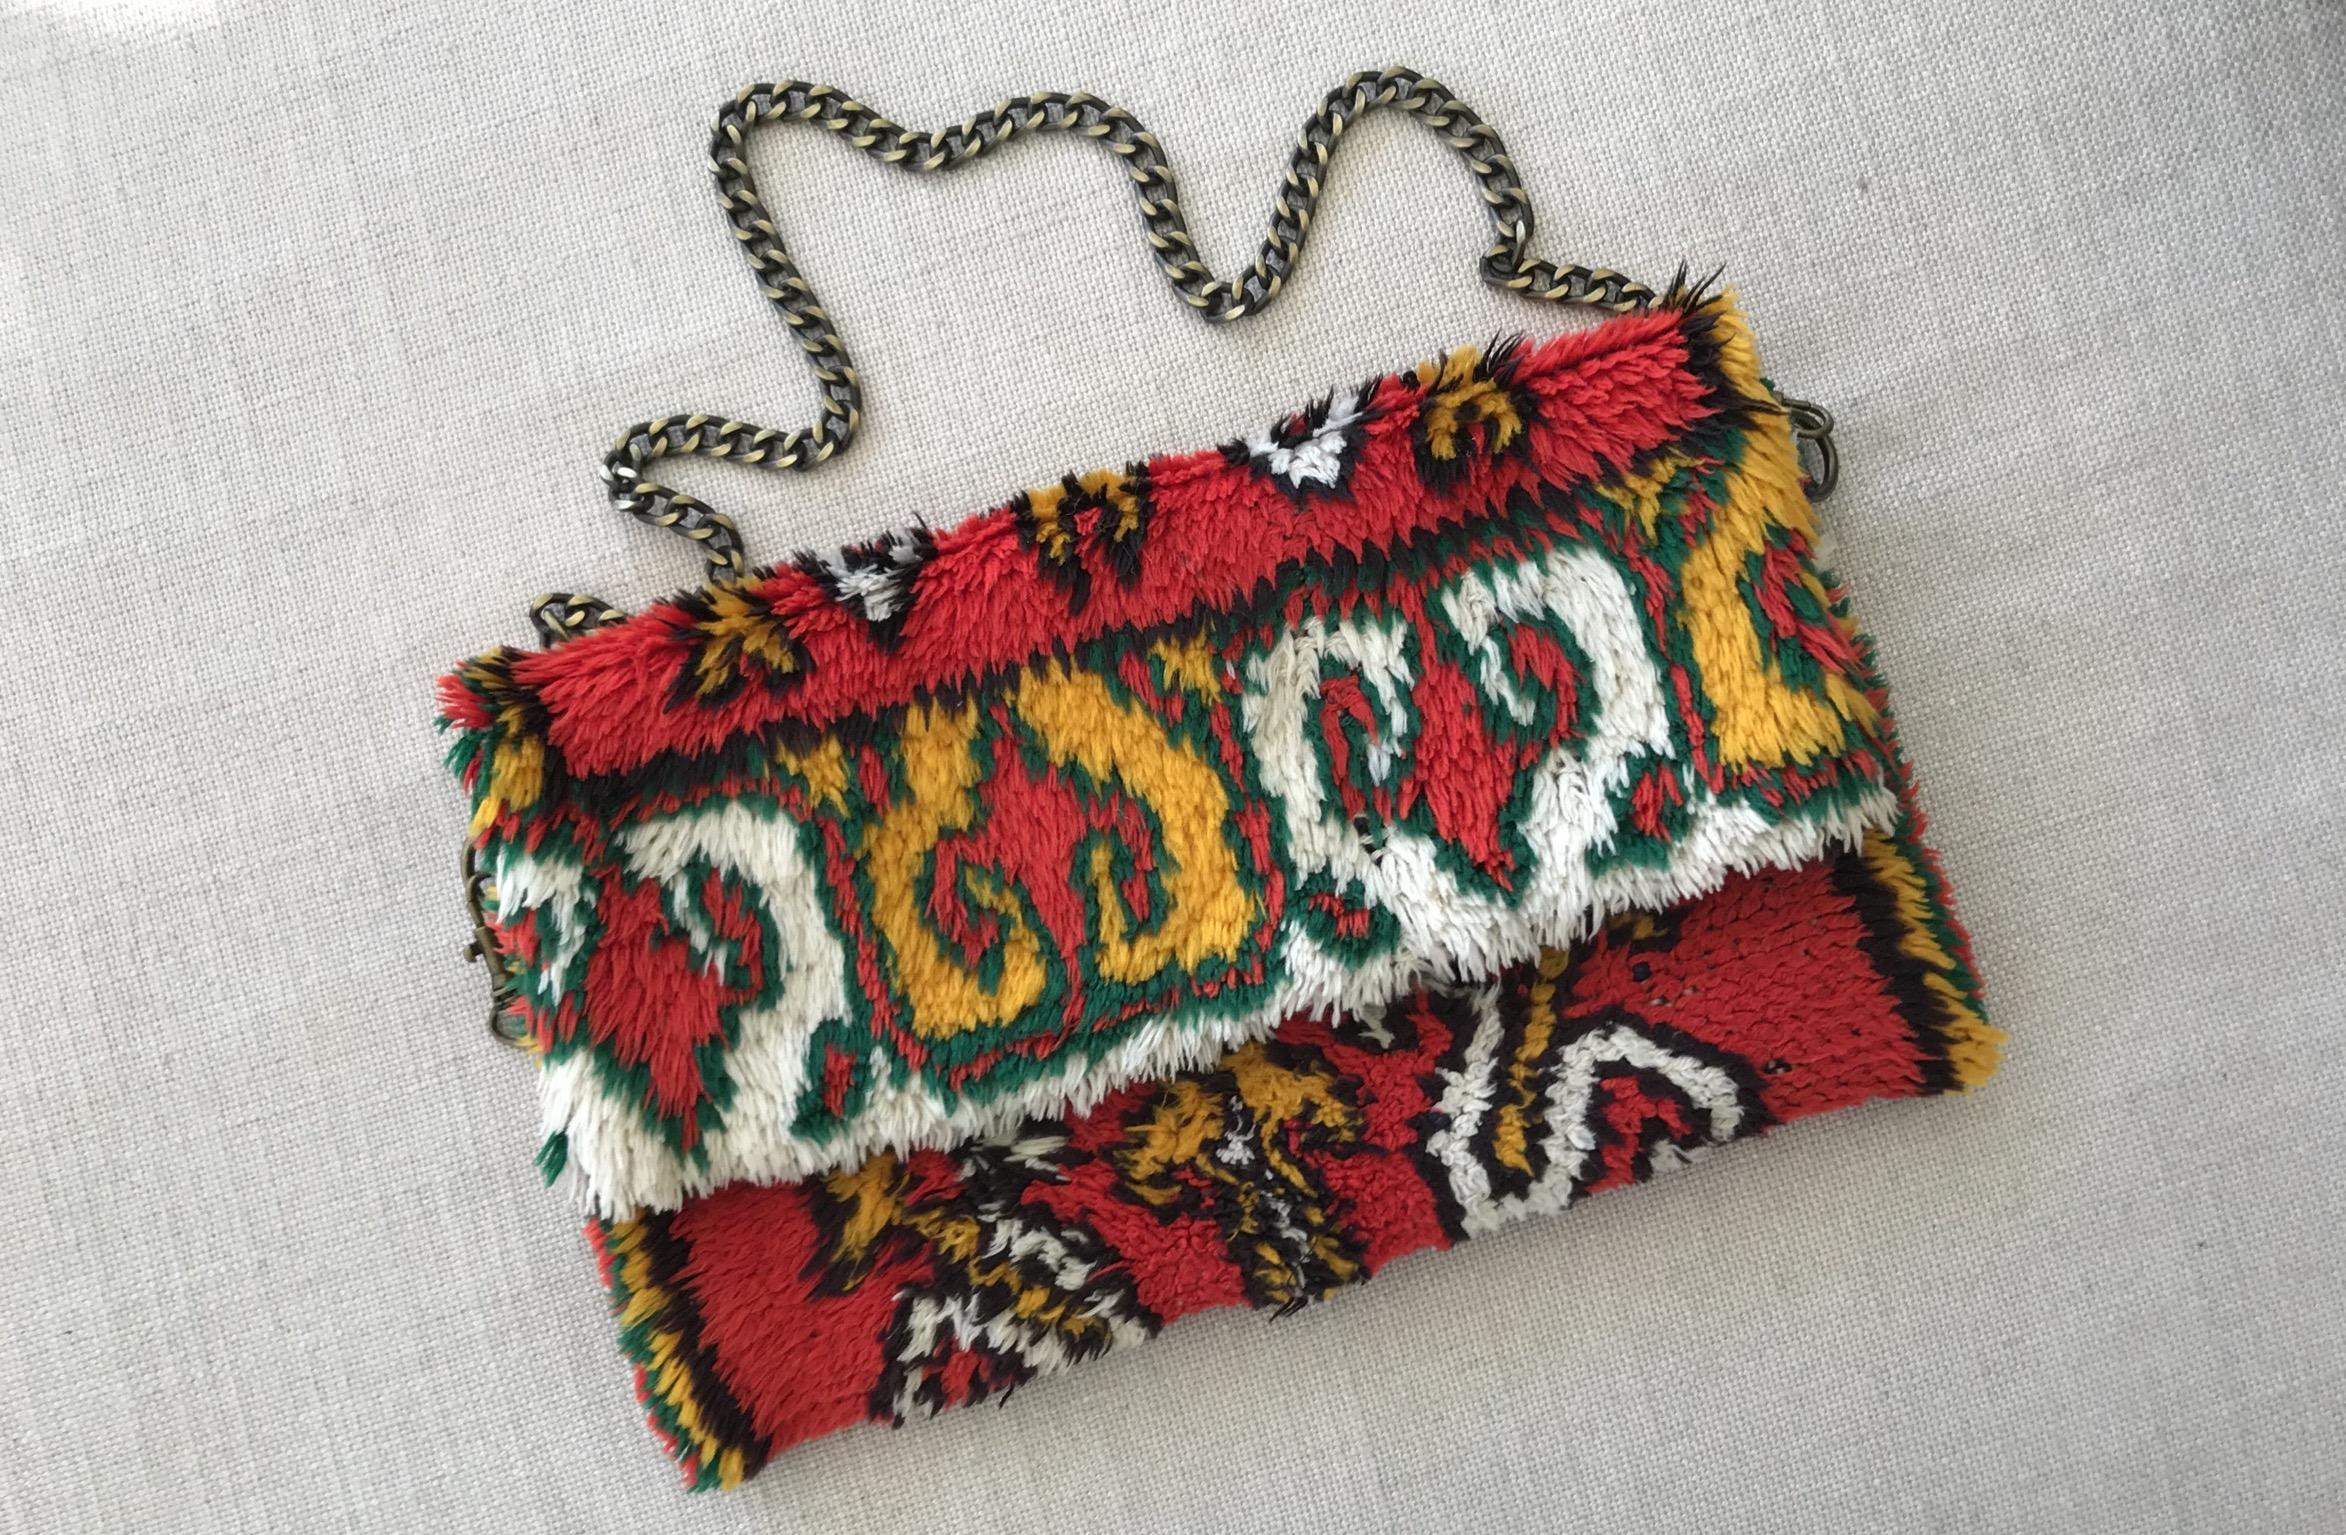 Rug bag vintage colorful boho